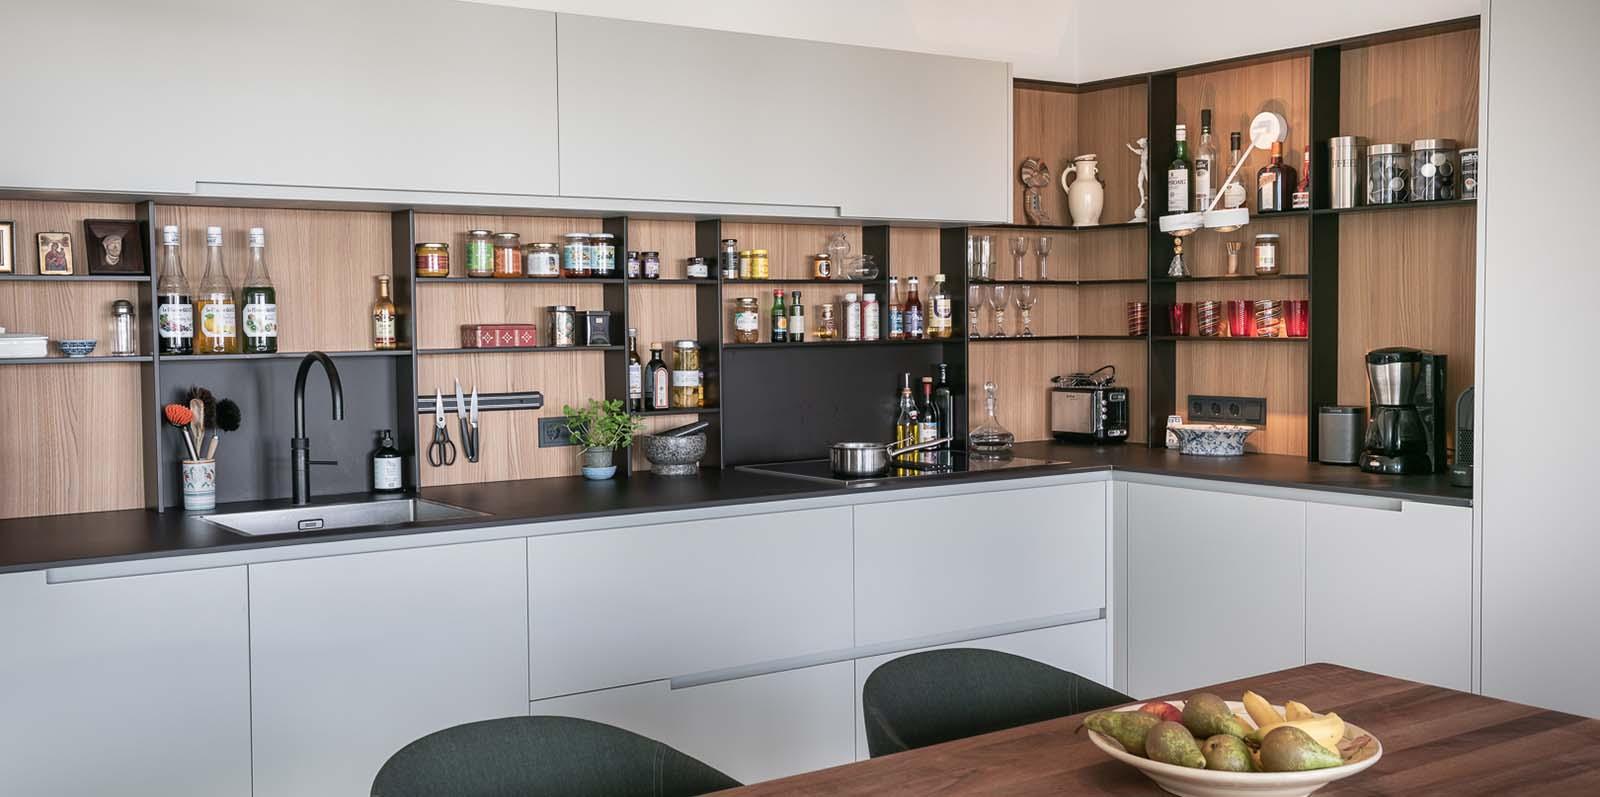 van groot naar klein verhuizen vraagt om een open keuken in een appartement